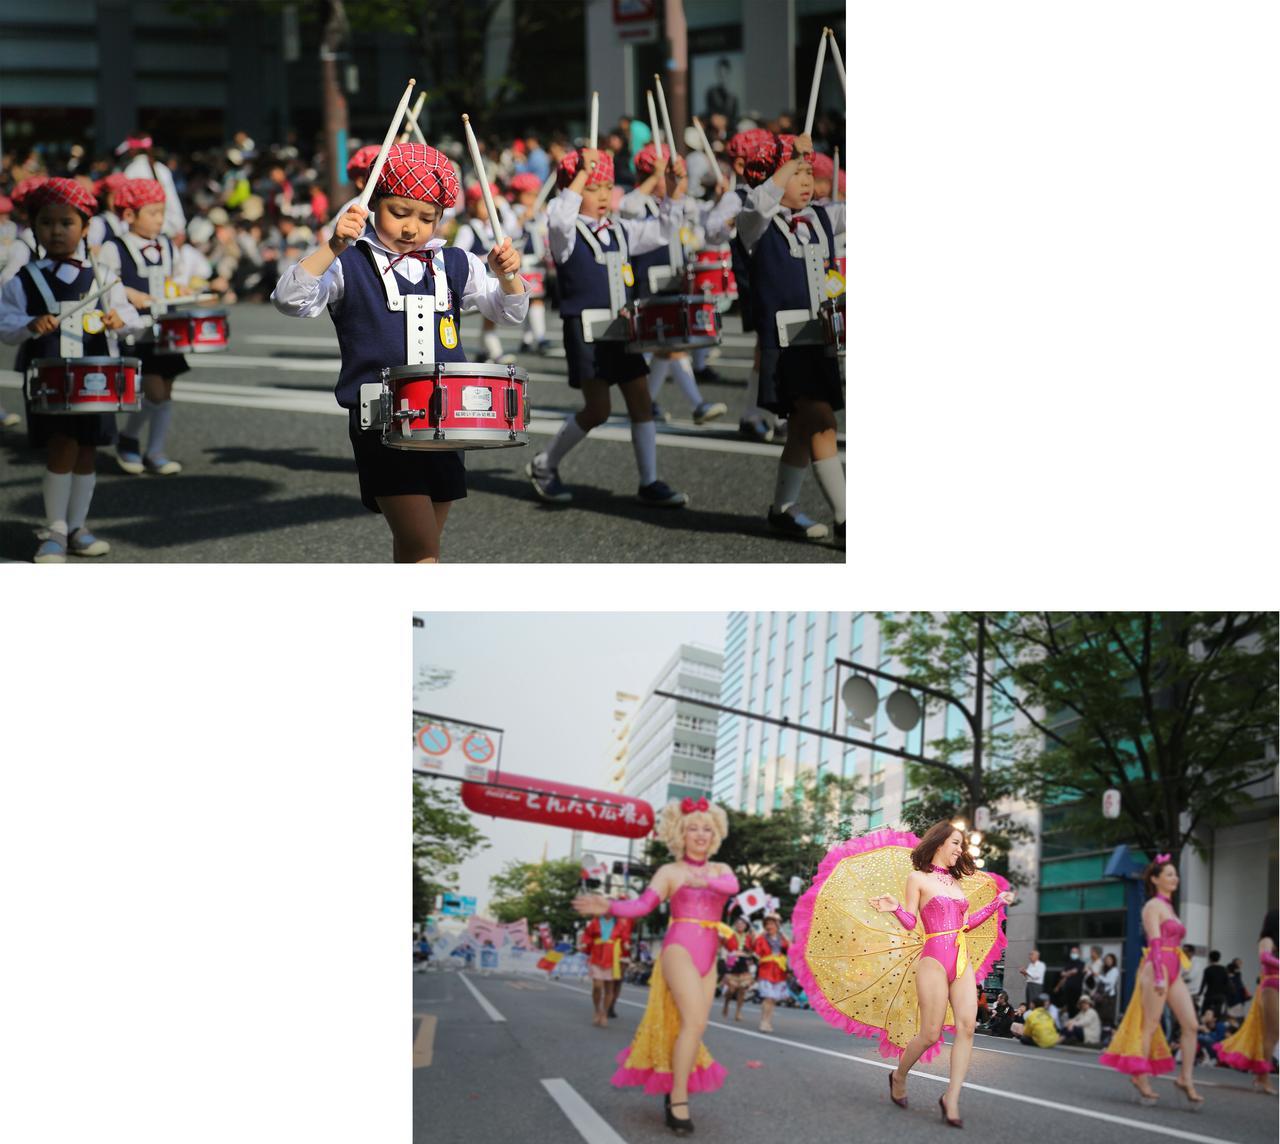 画像3: どんたくといえばパレードやろ!